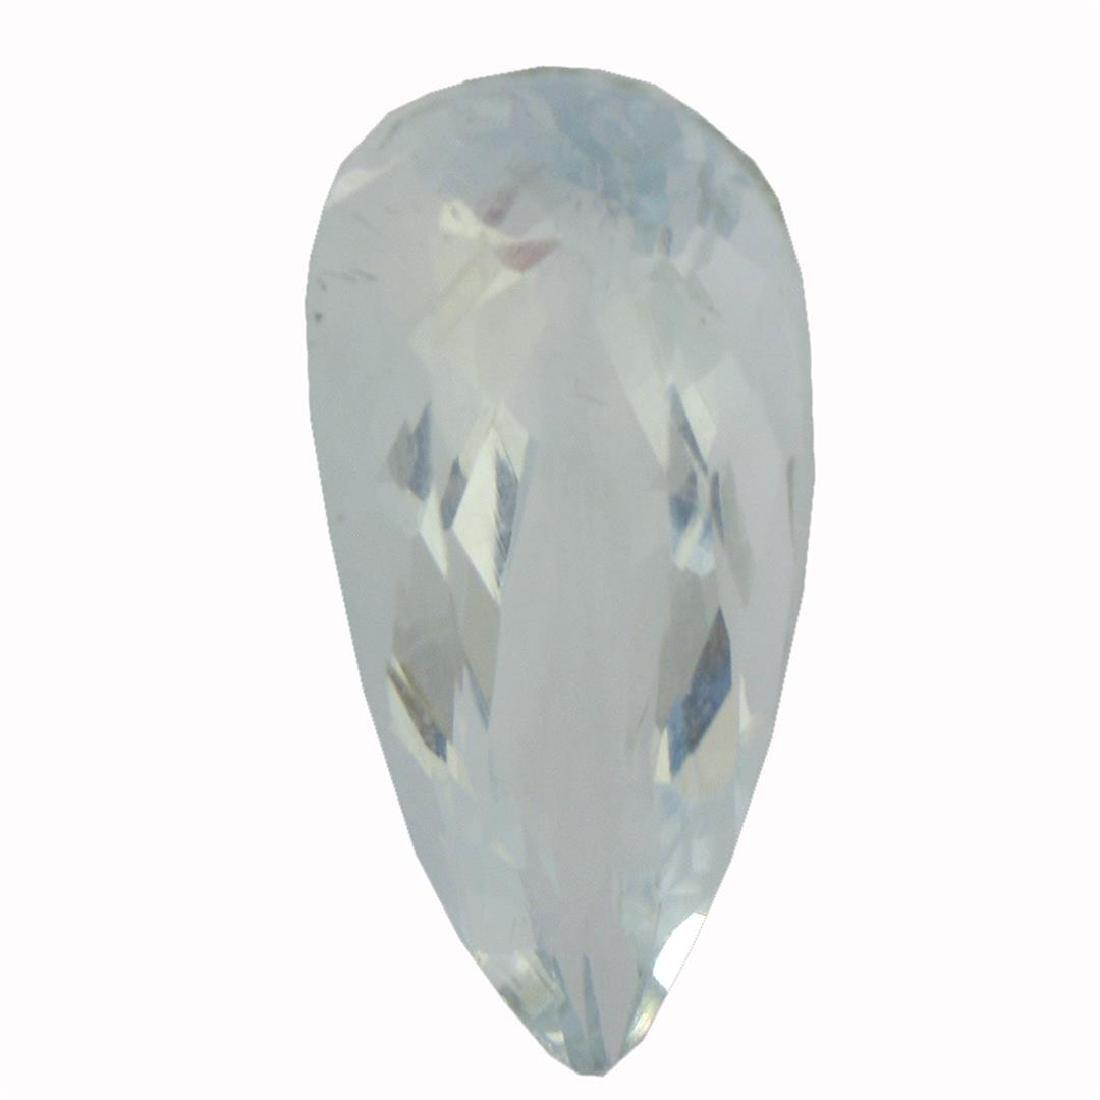 4.53 ctw Pear Aquamarine Parcel